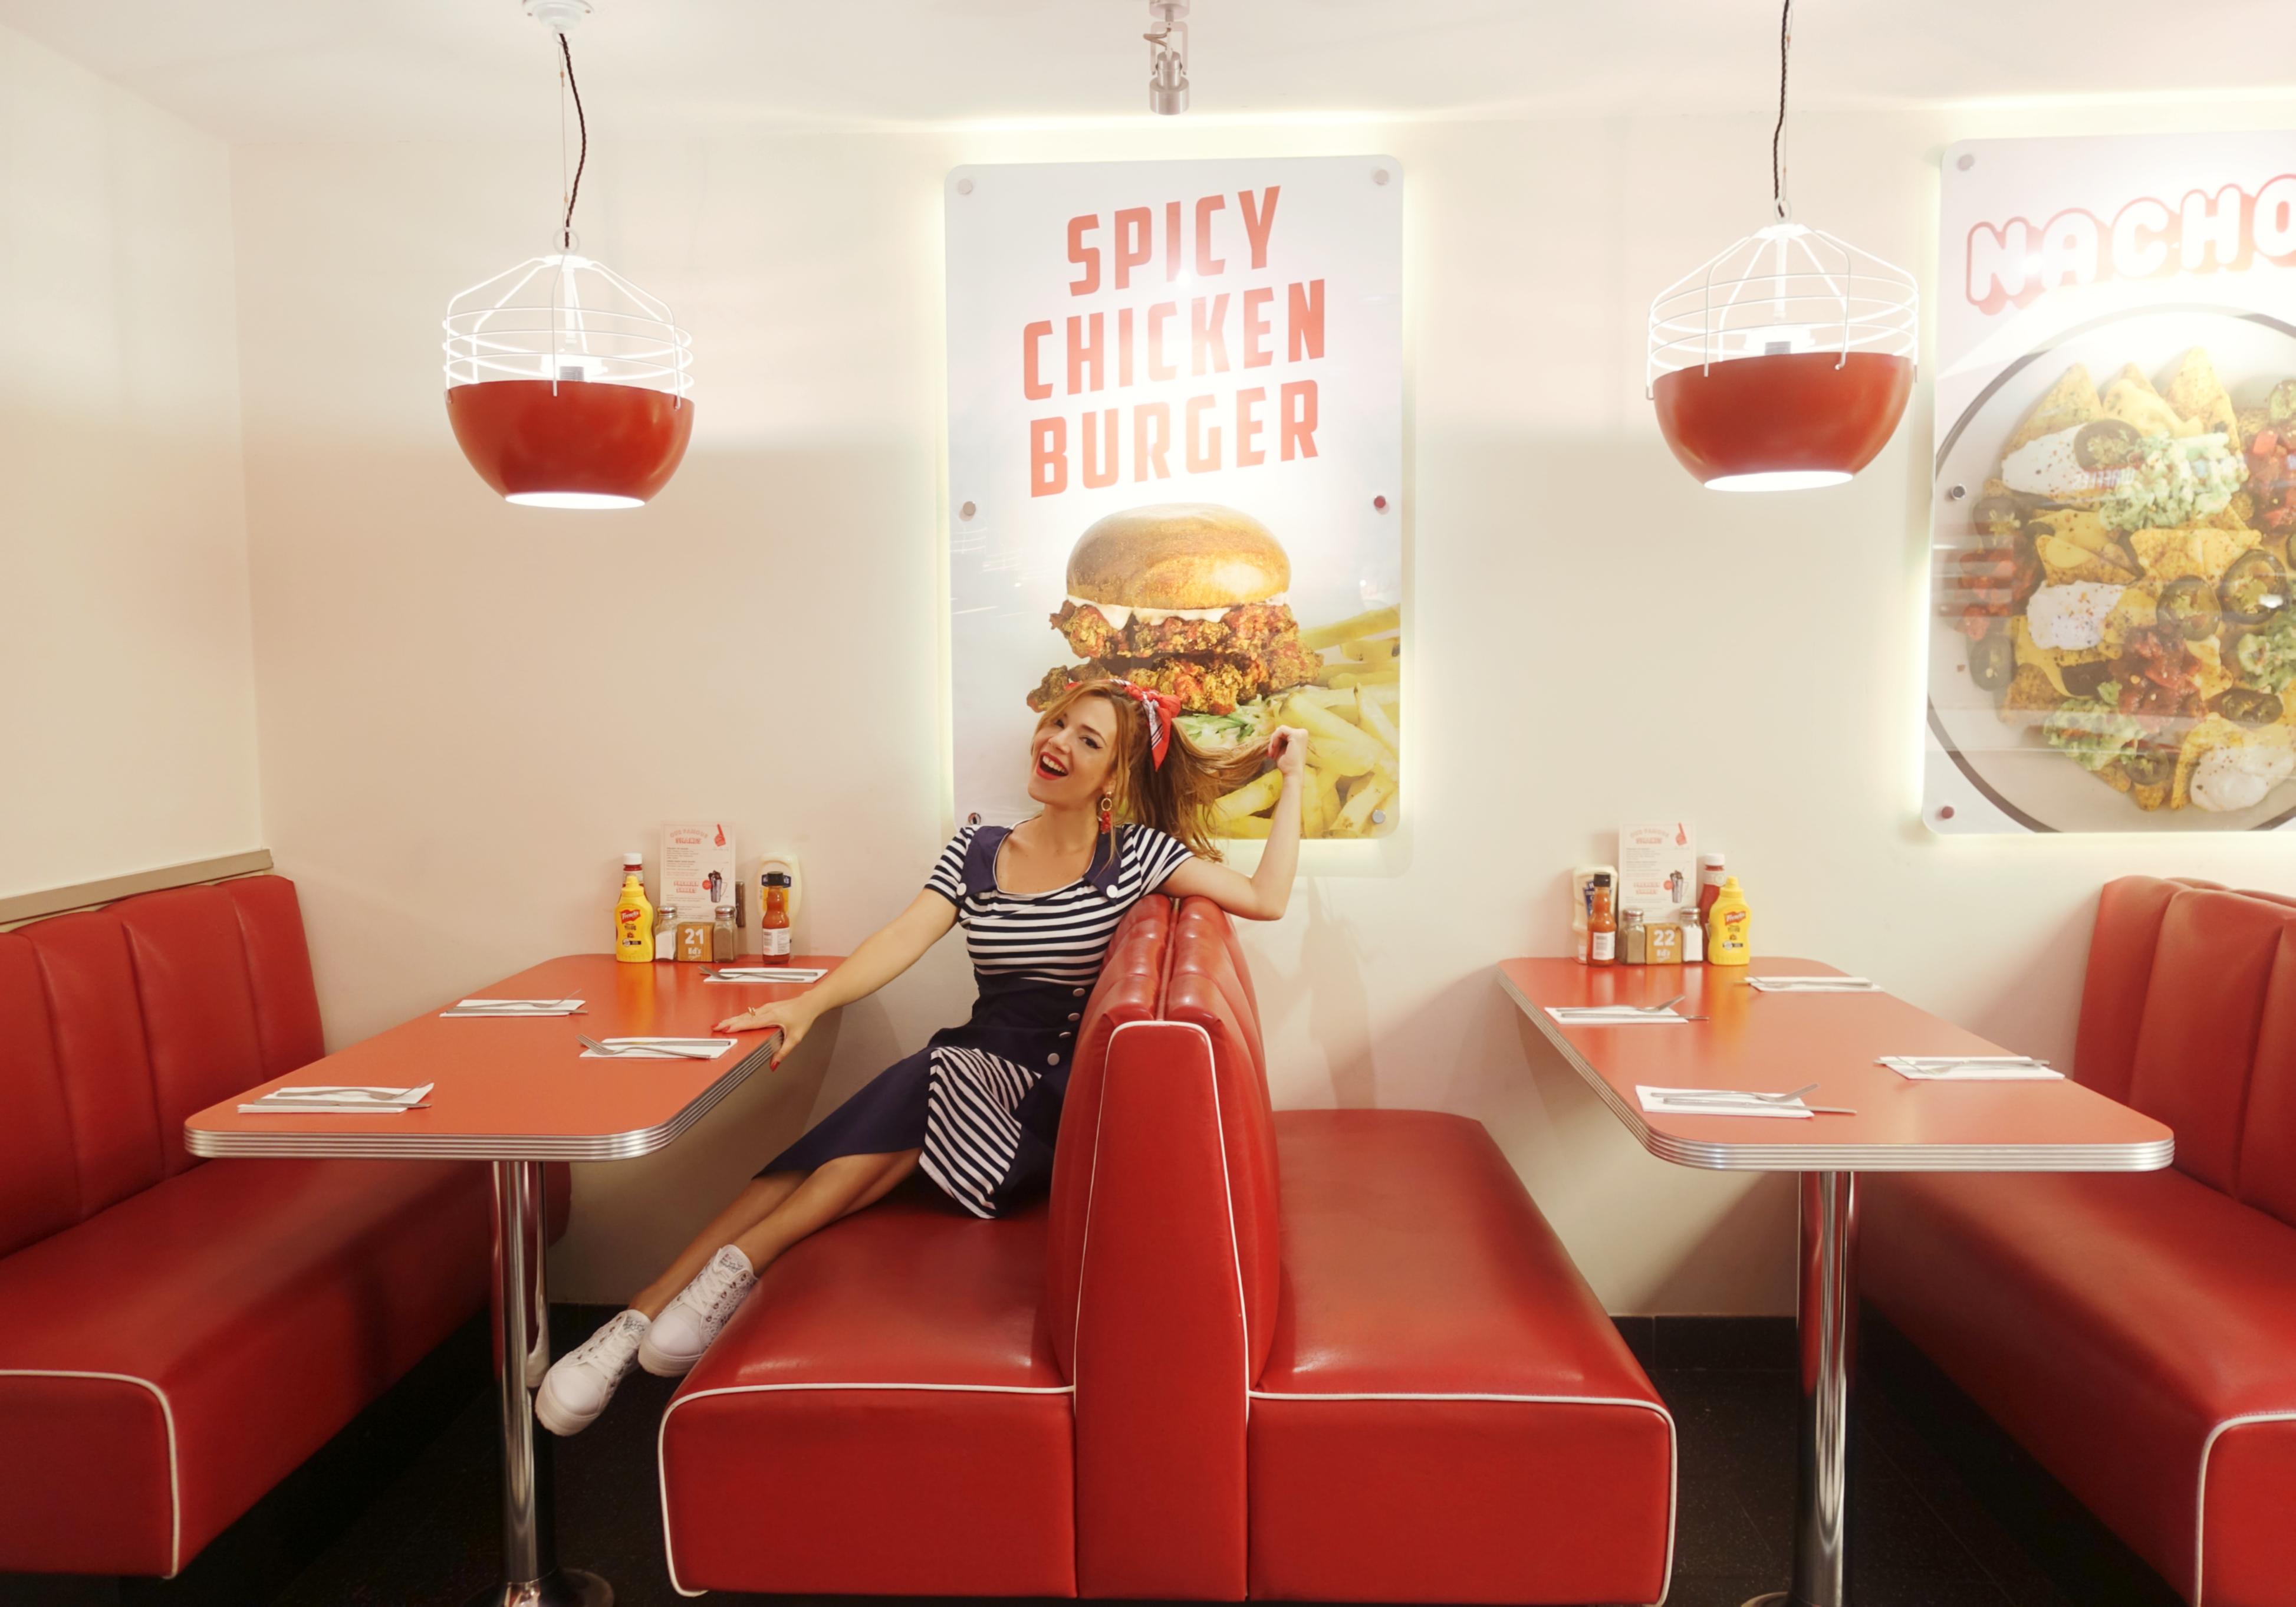 Outfit-retro-vestidos-floryday-Chicadicta-blog-de-moda-PiensaenChic-influencer-50s-style-look-marinero-Ed's-Easy-Diner-Chic-adicta-Piensa-en-Chic